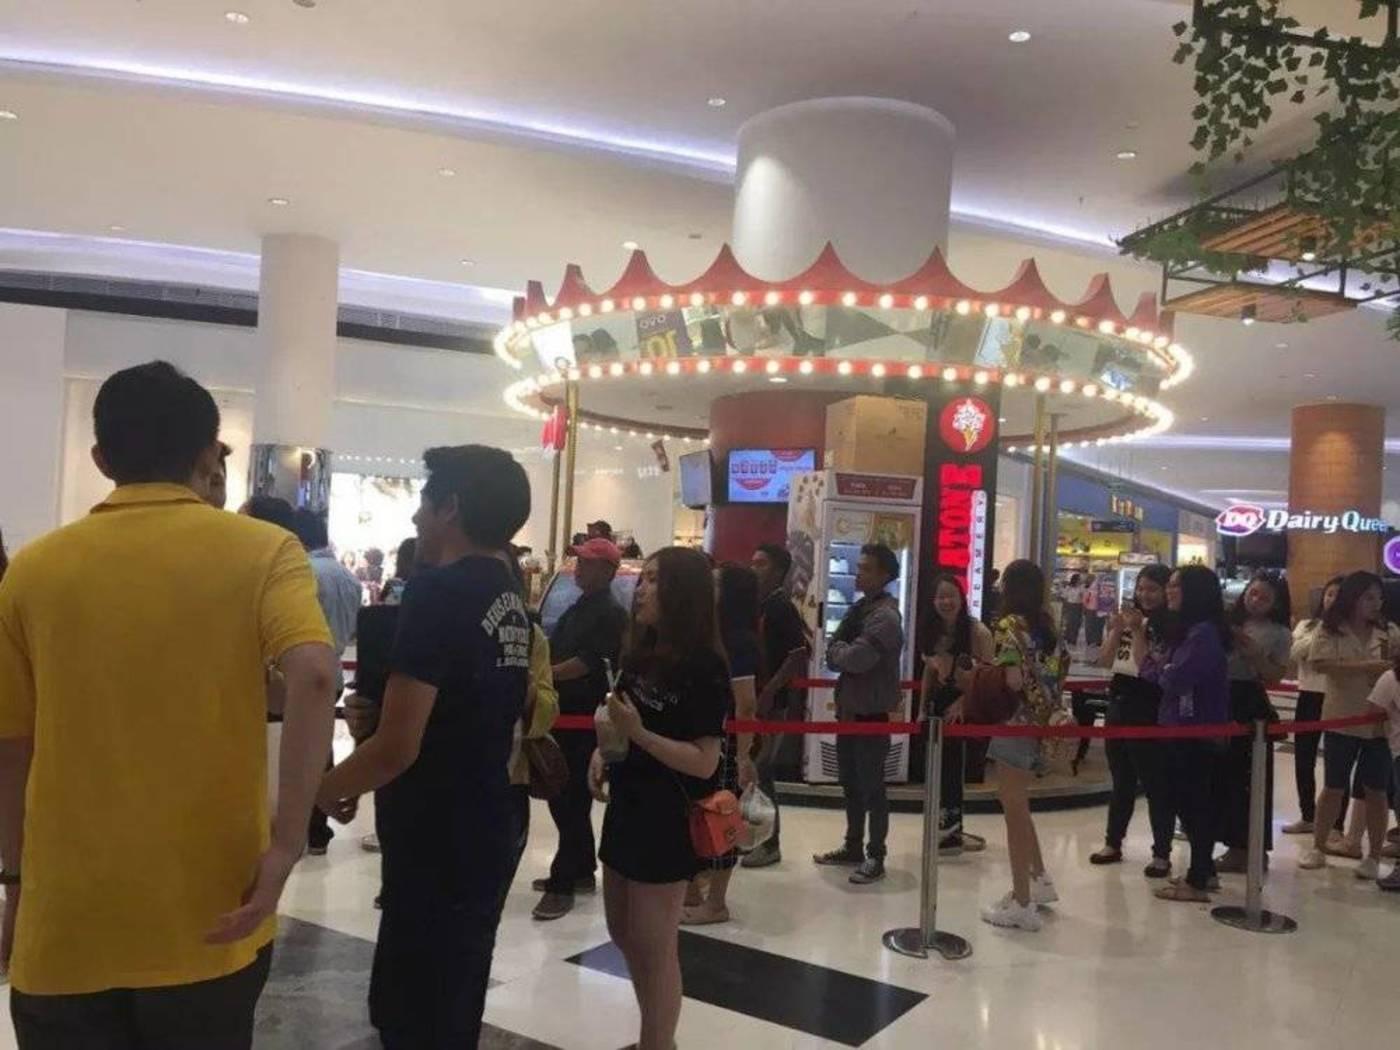 """在中文并不常见的印尼,这些奶茶店都叫""""幸福堂""""""""茶时代"""""""